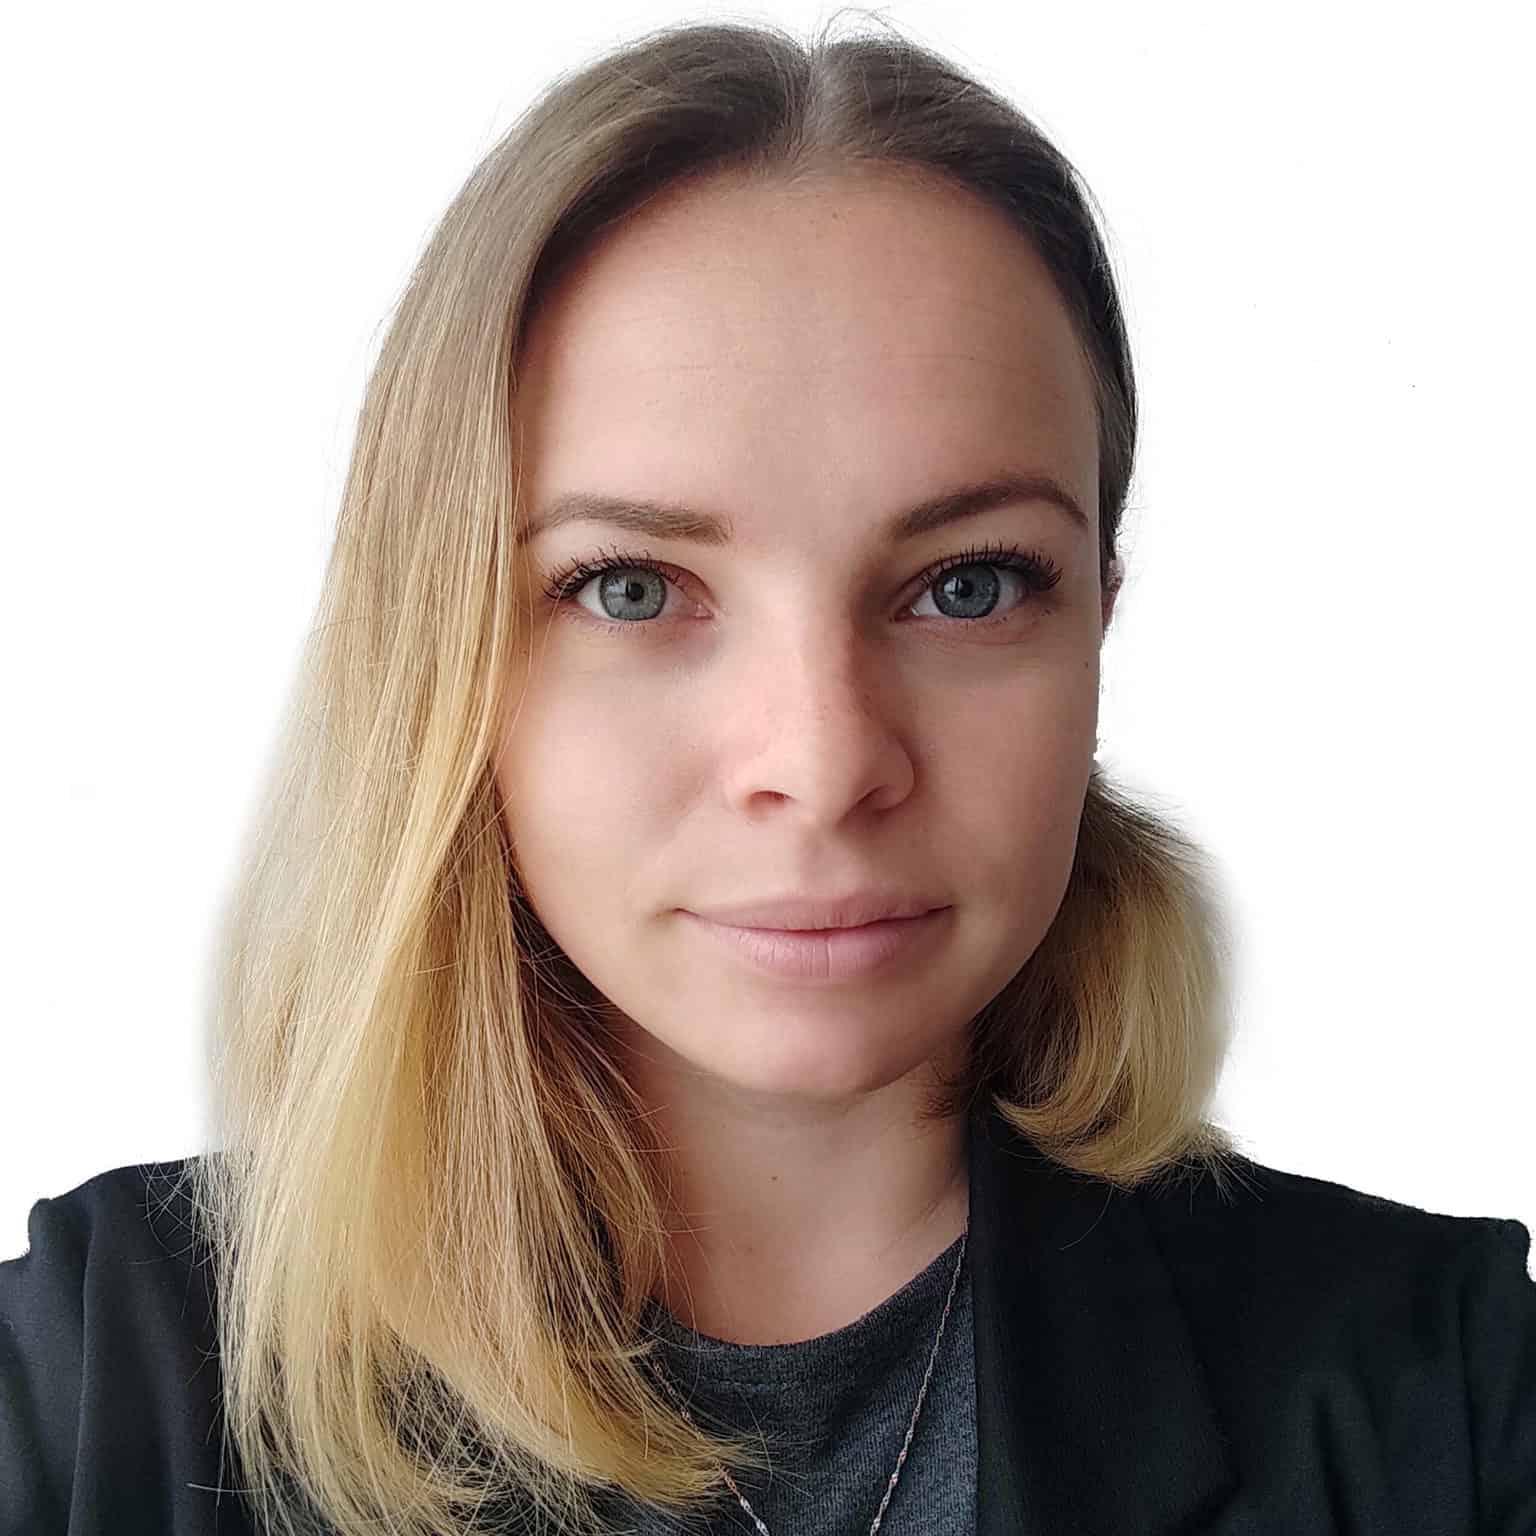 Katarina Fedorova